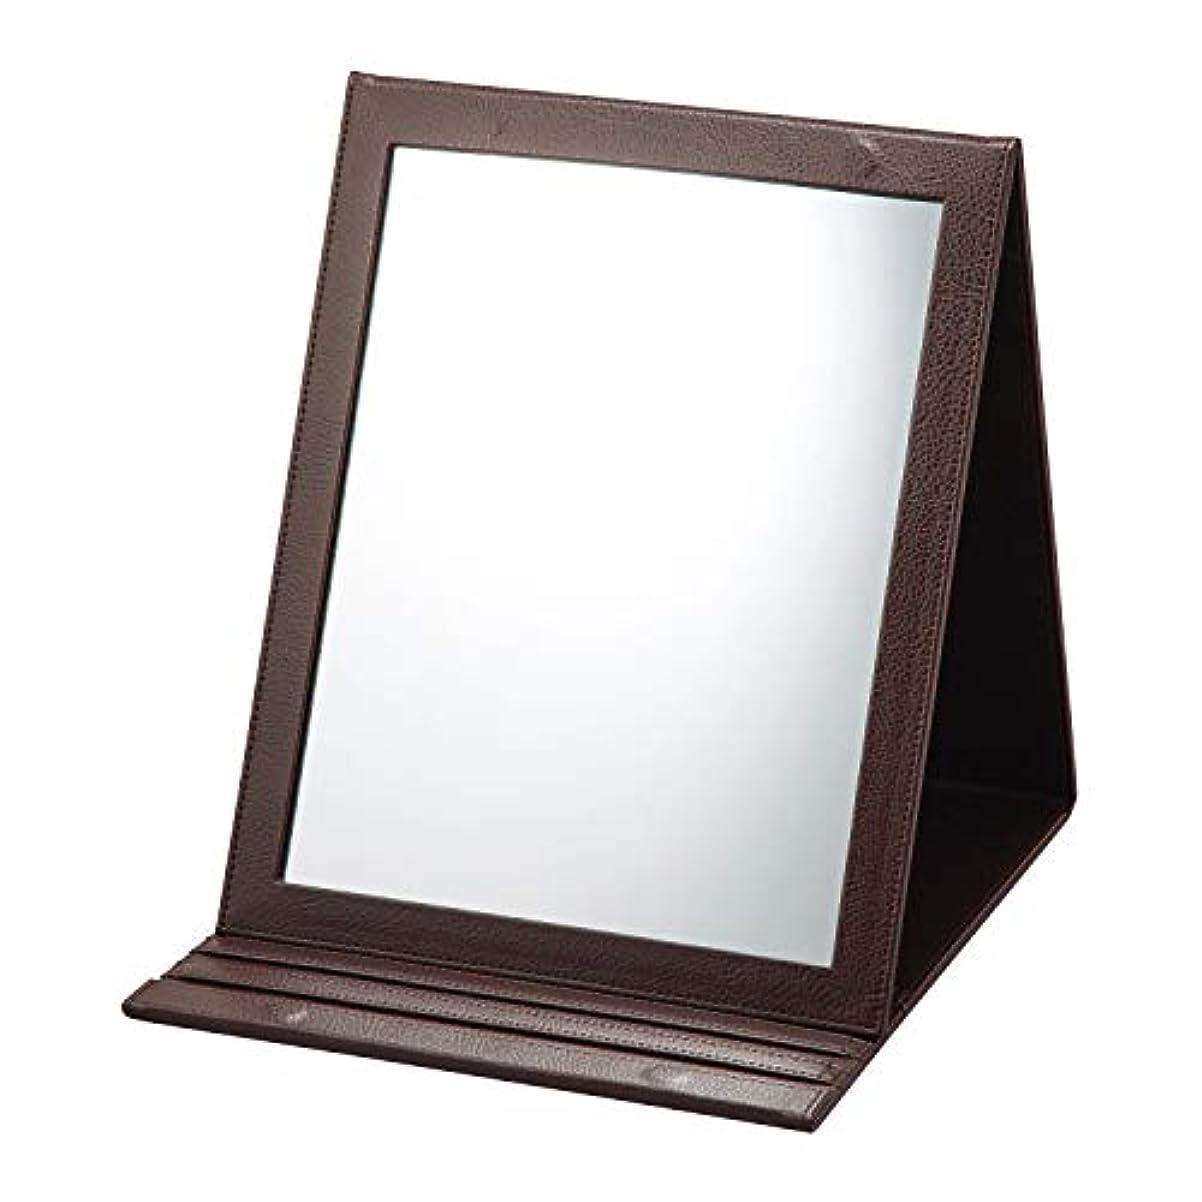 体呼ぶ浴折立鏡デカミラー 角度調整5段階 卓上 A4サイズ ヘアメイク ヘアアレンジ 化粧 折りたたみ 大きい デコルテまで見える